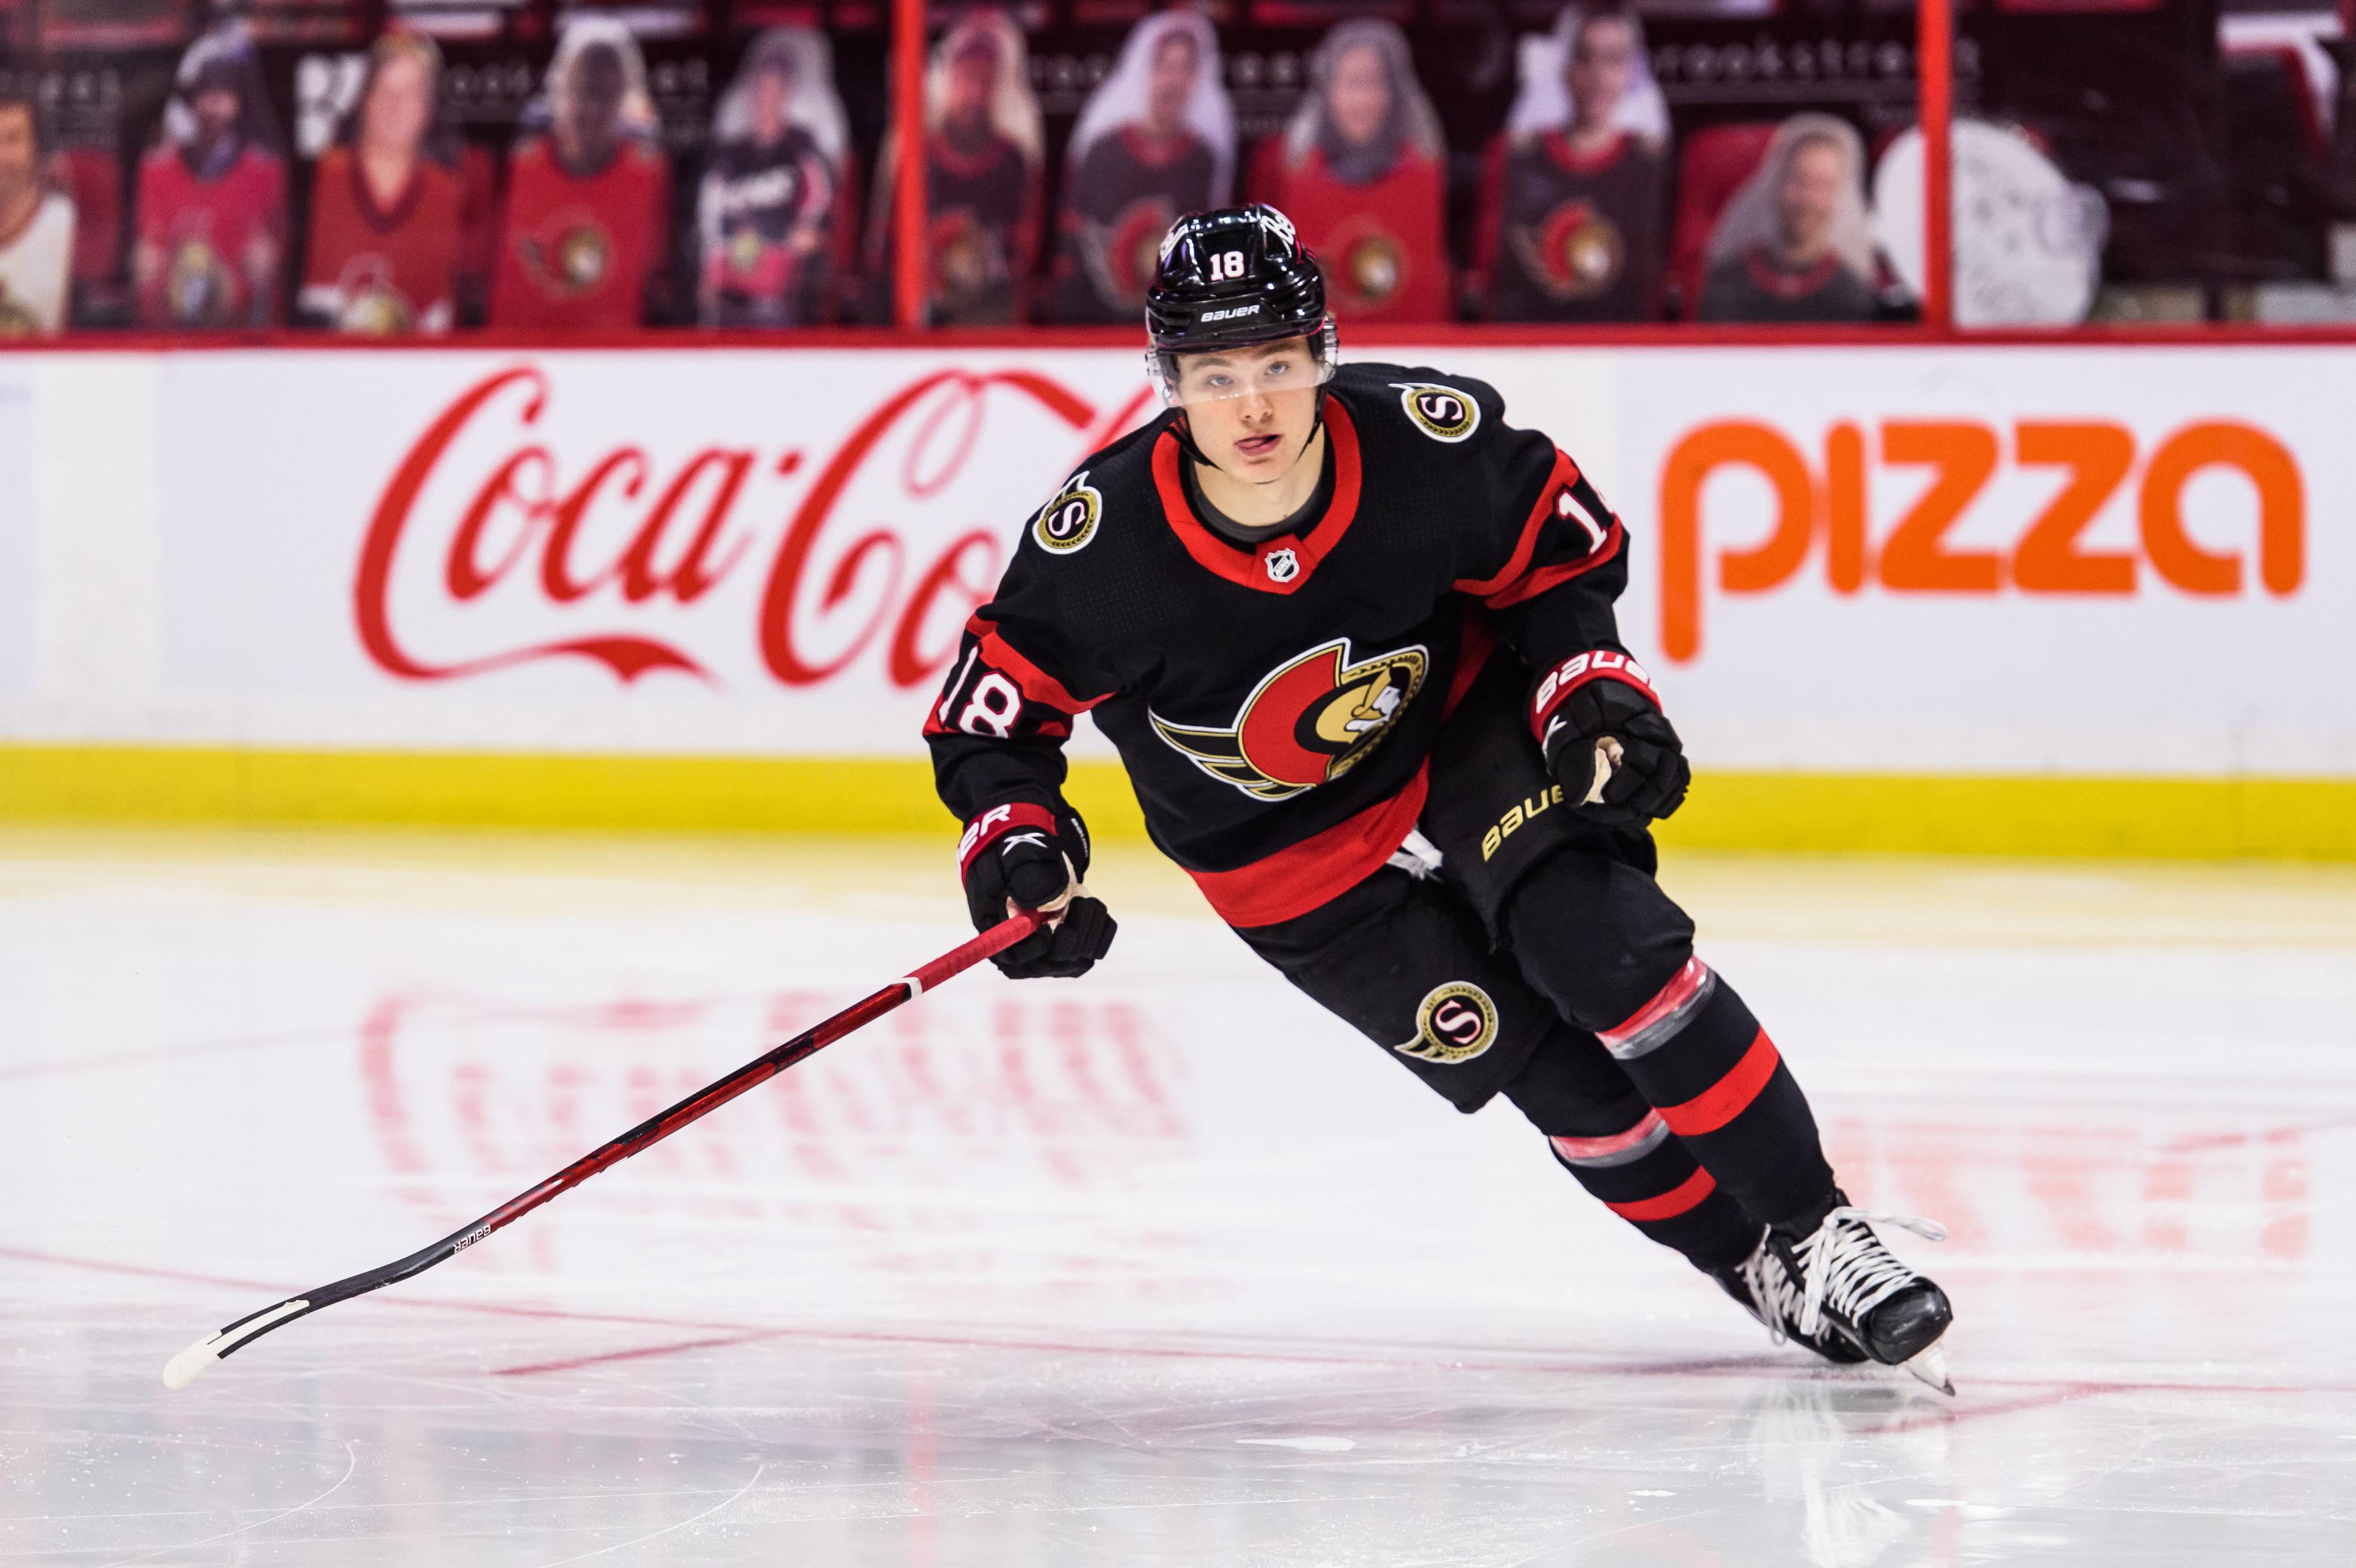 NHL: MAY 03 Jets at Senators